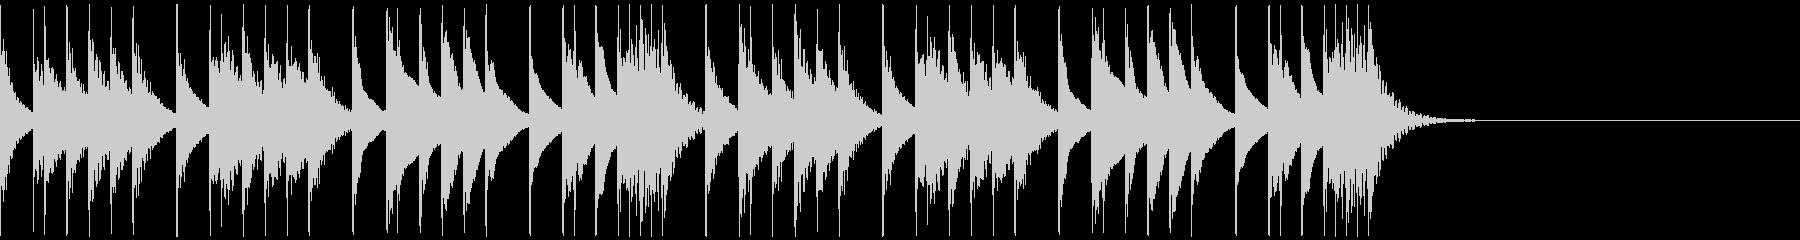 劇伴・コミカルなBGM:1の未再生の波形